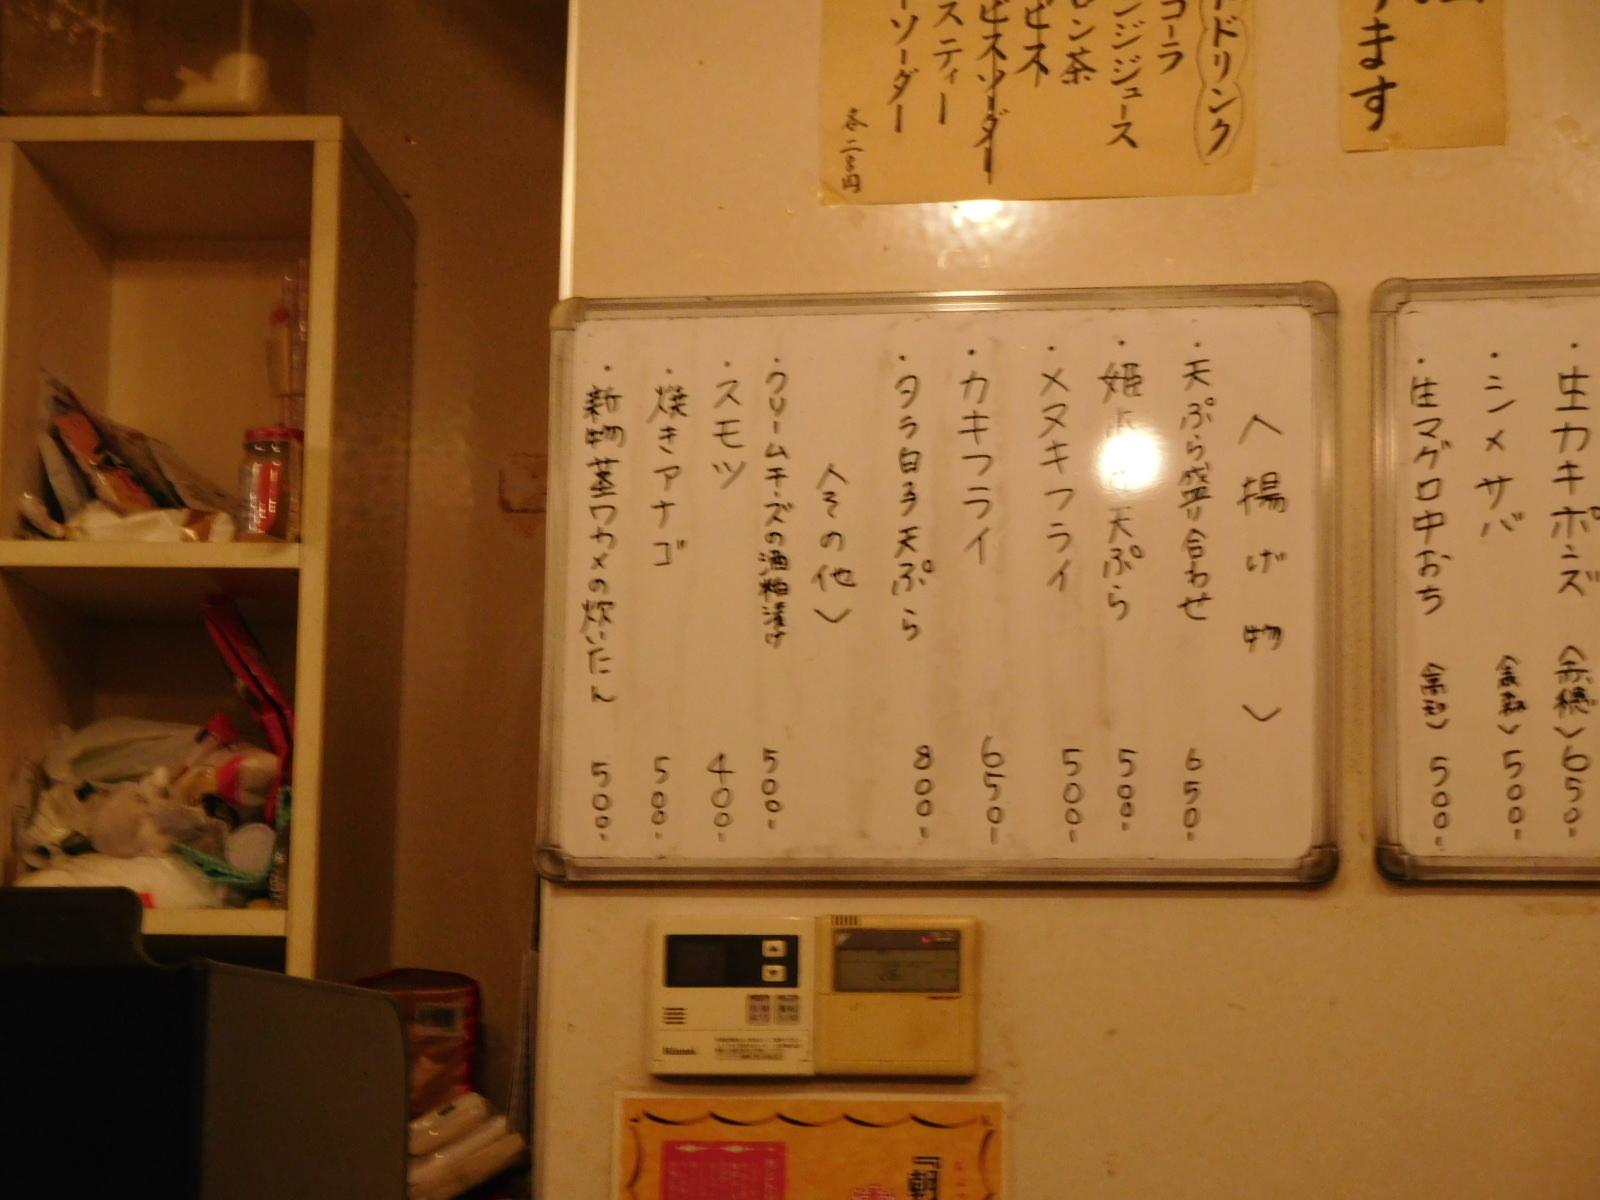 DSCN8779.jpg